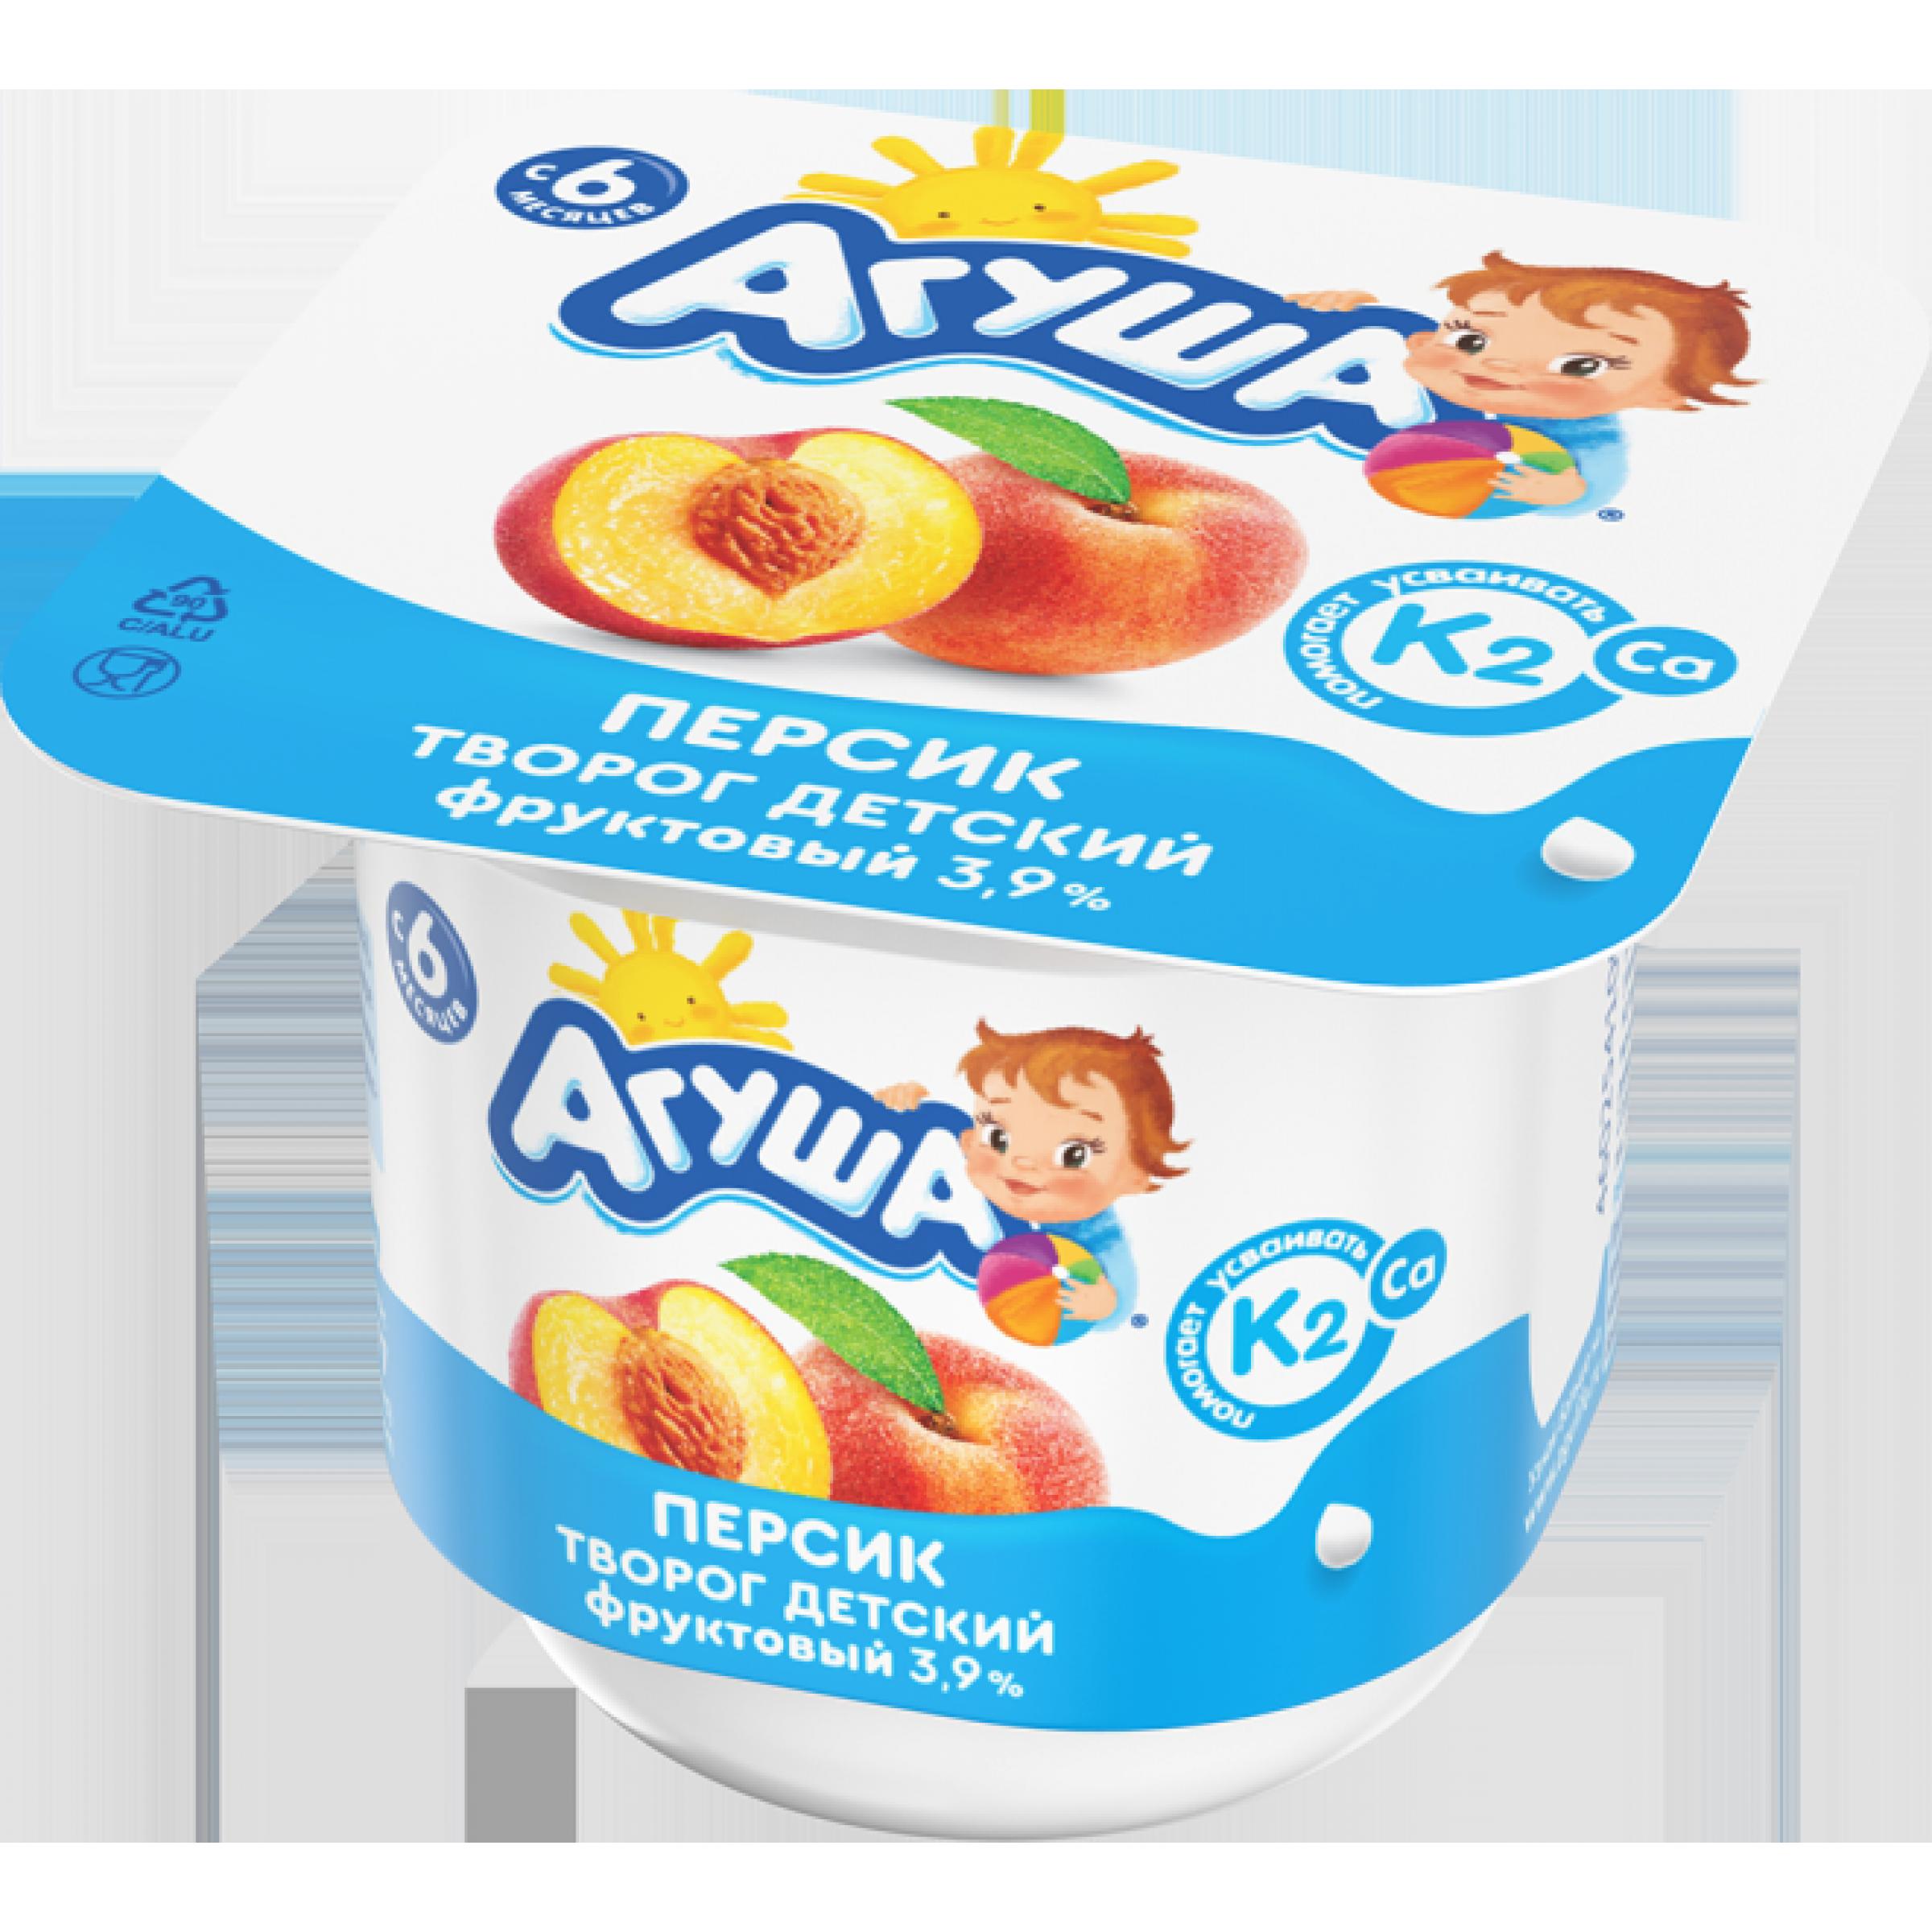 """Творог """"Агуша"""" детский 3,9% персик, 100 г"""